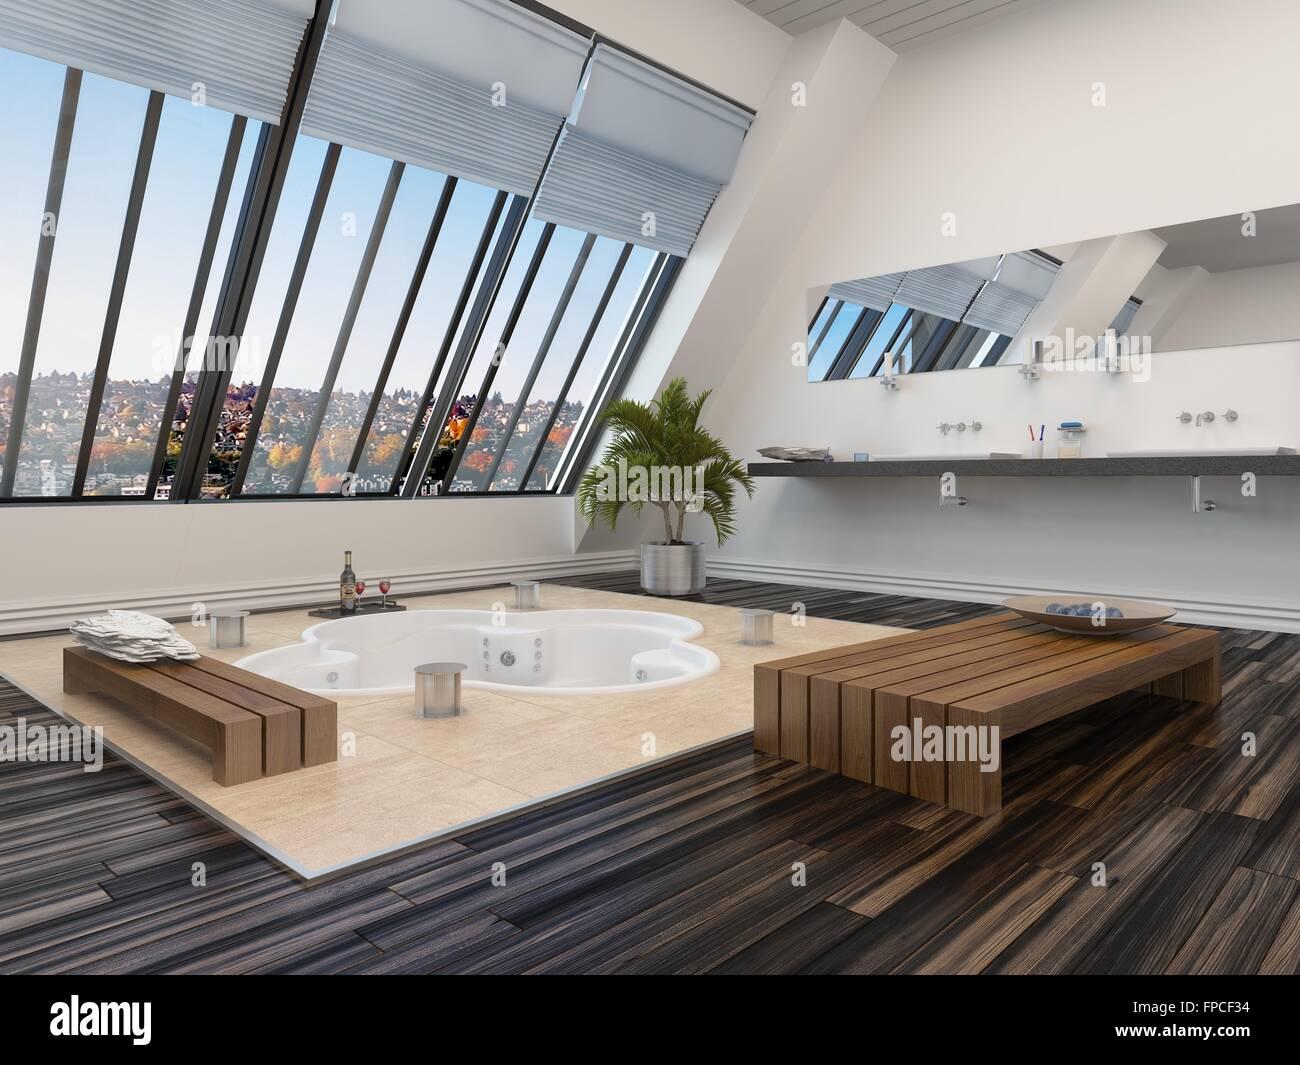 Modernes Badezimmer Interieur mit einer versunkenen Whirlpool ...